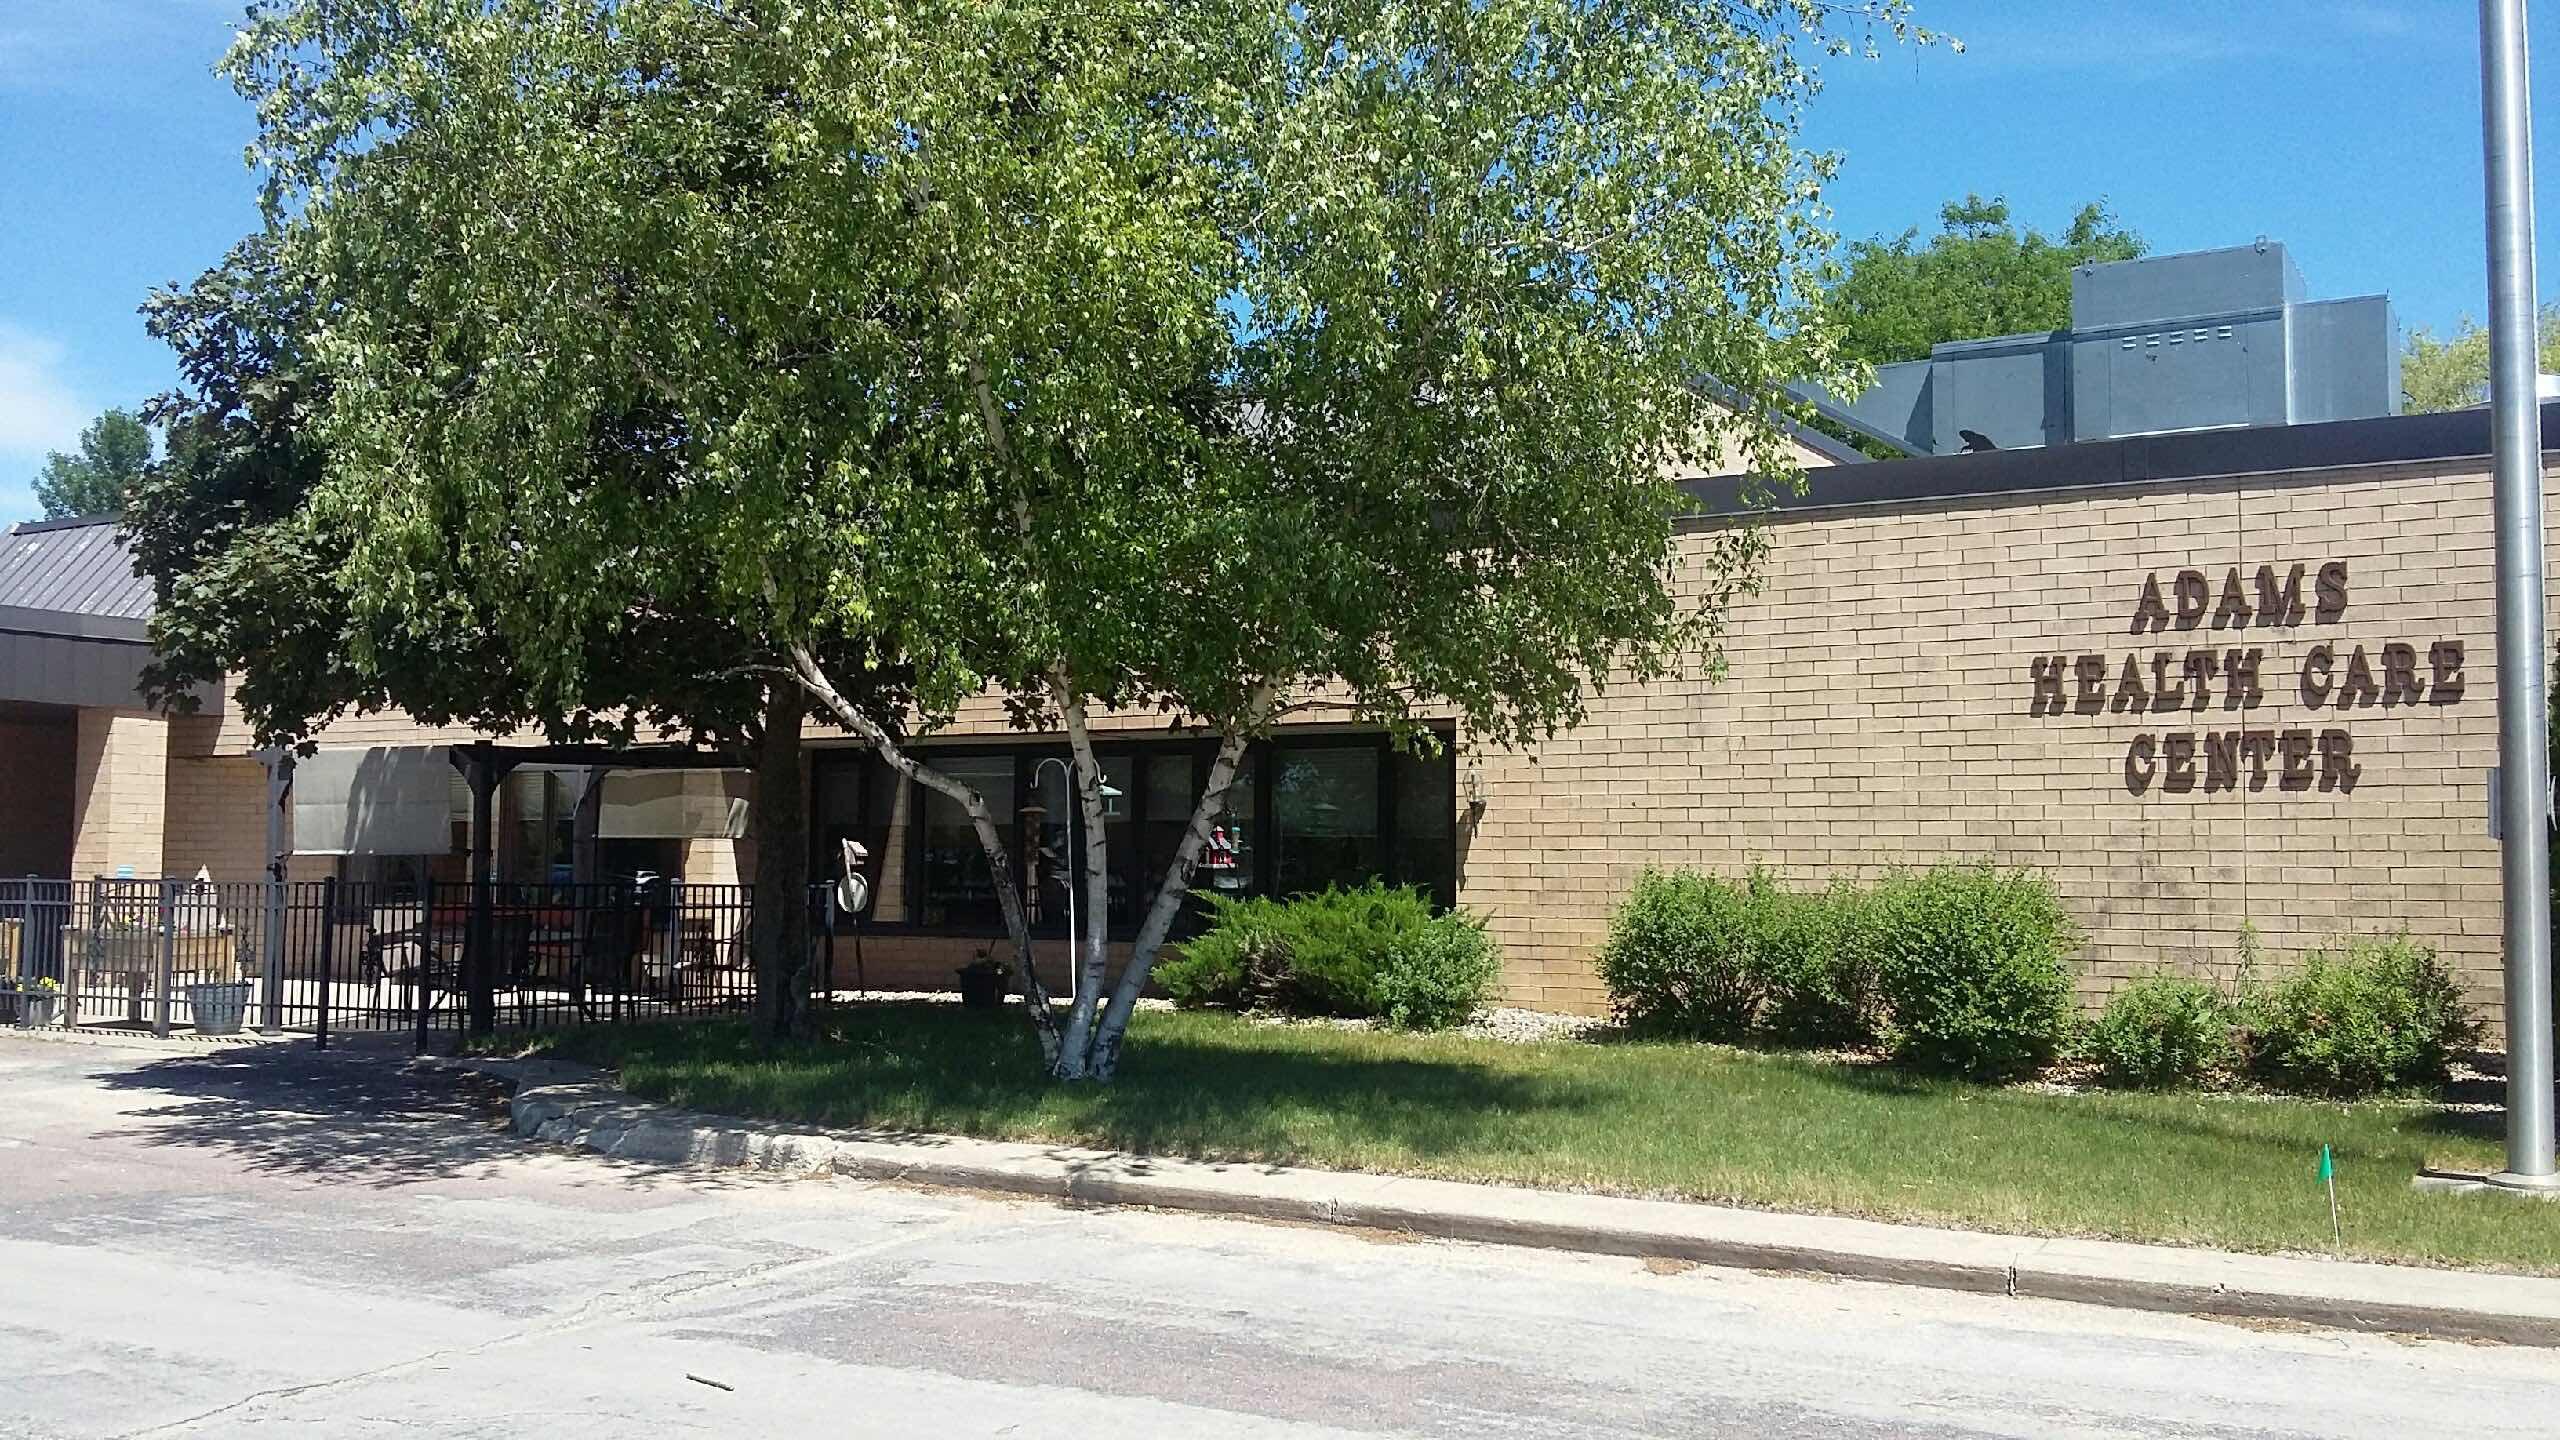 Adams Health Care Center